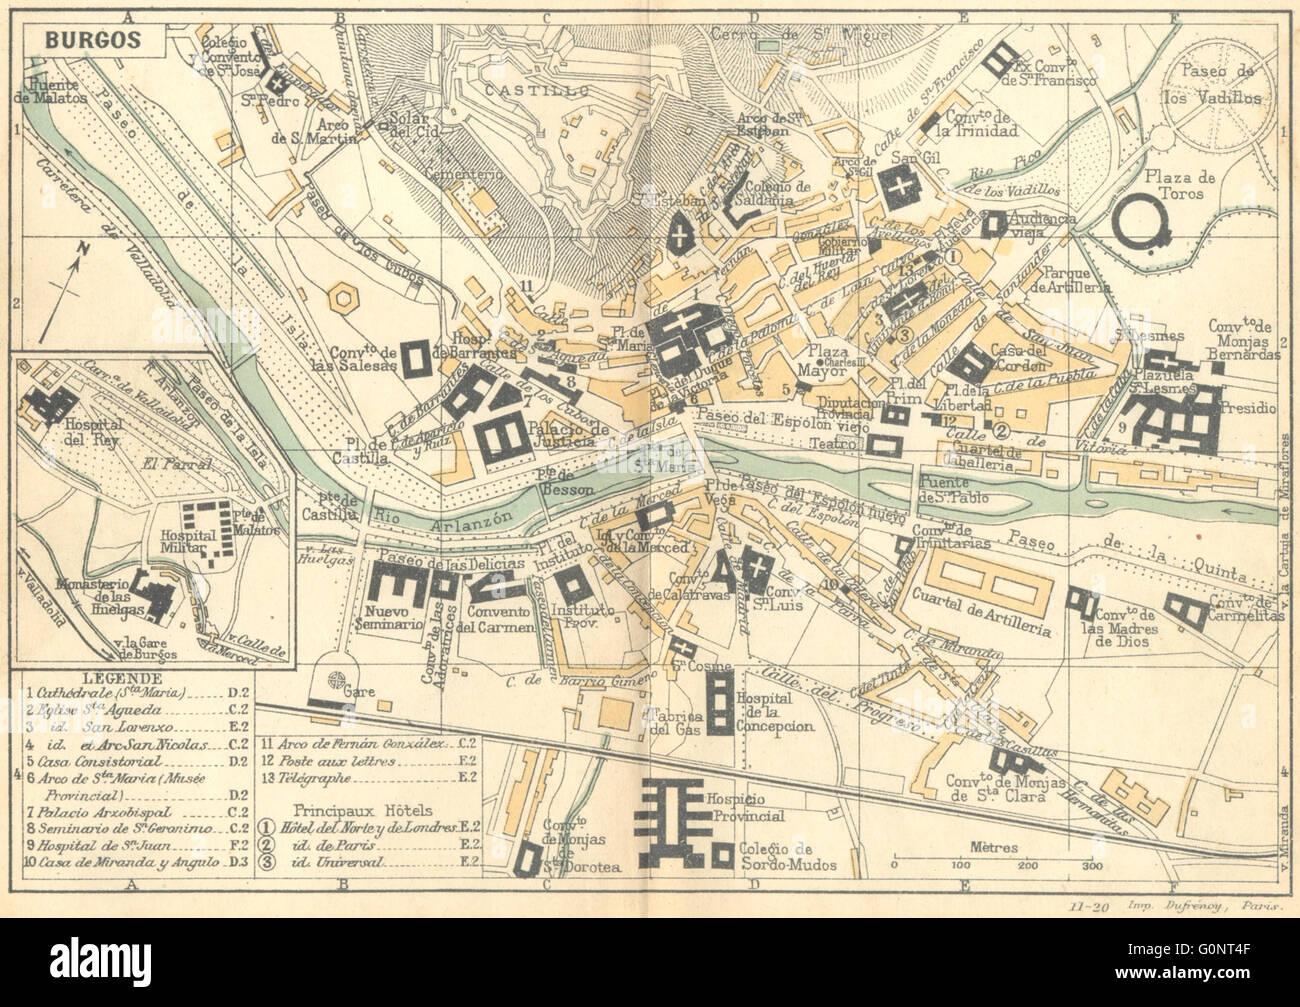 Mapa De España Burgos.Espana Burgos 1921 Vintage Mapa Foto Imagen De Stock